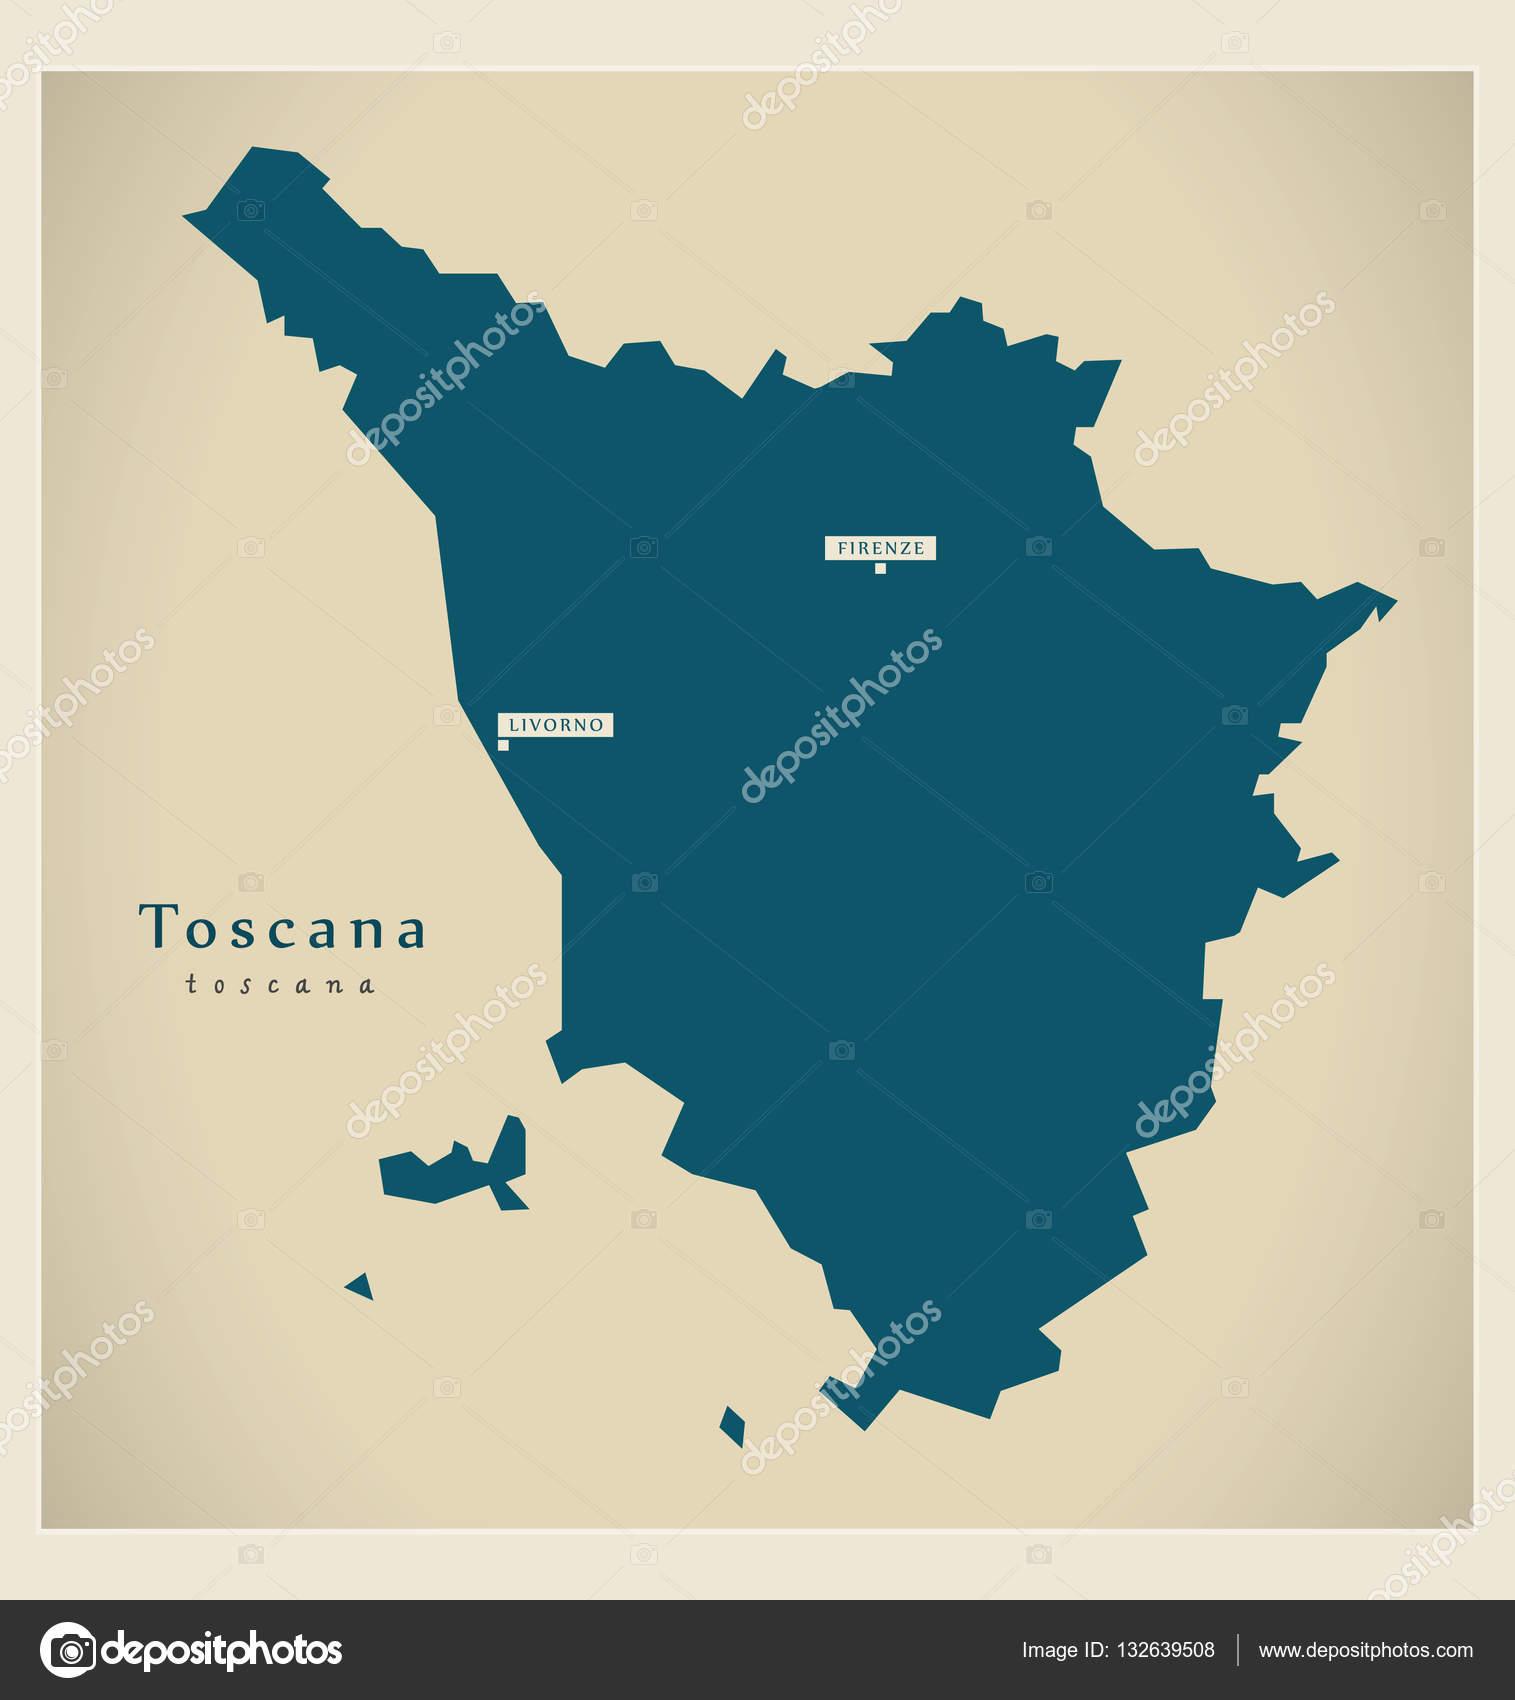 La Toscana Italia Mapa.Mapa Moderno It Toscana Italia Vector De Stock